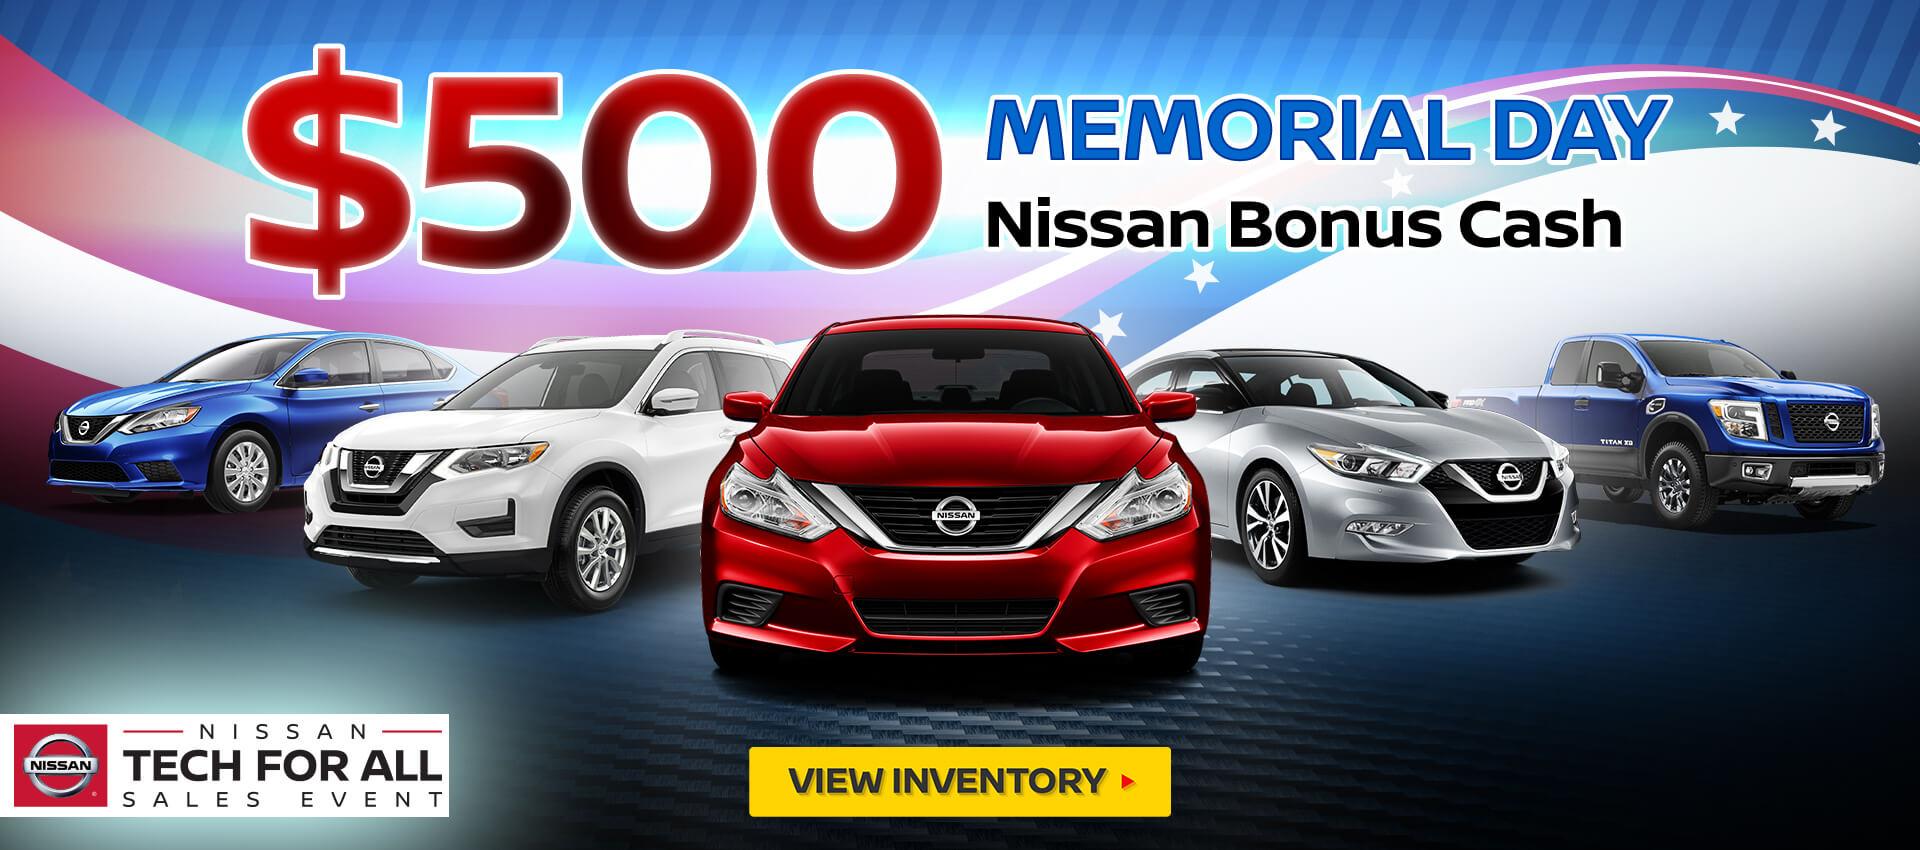 Nissan Memorial Day Bonus Cash